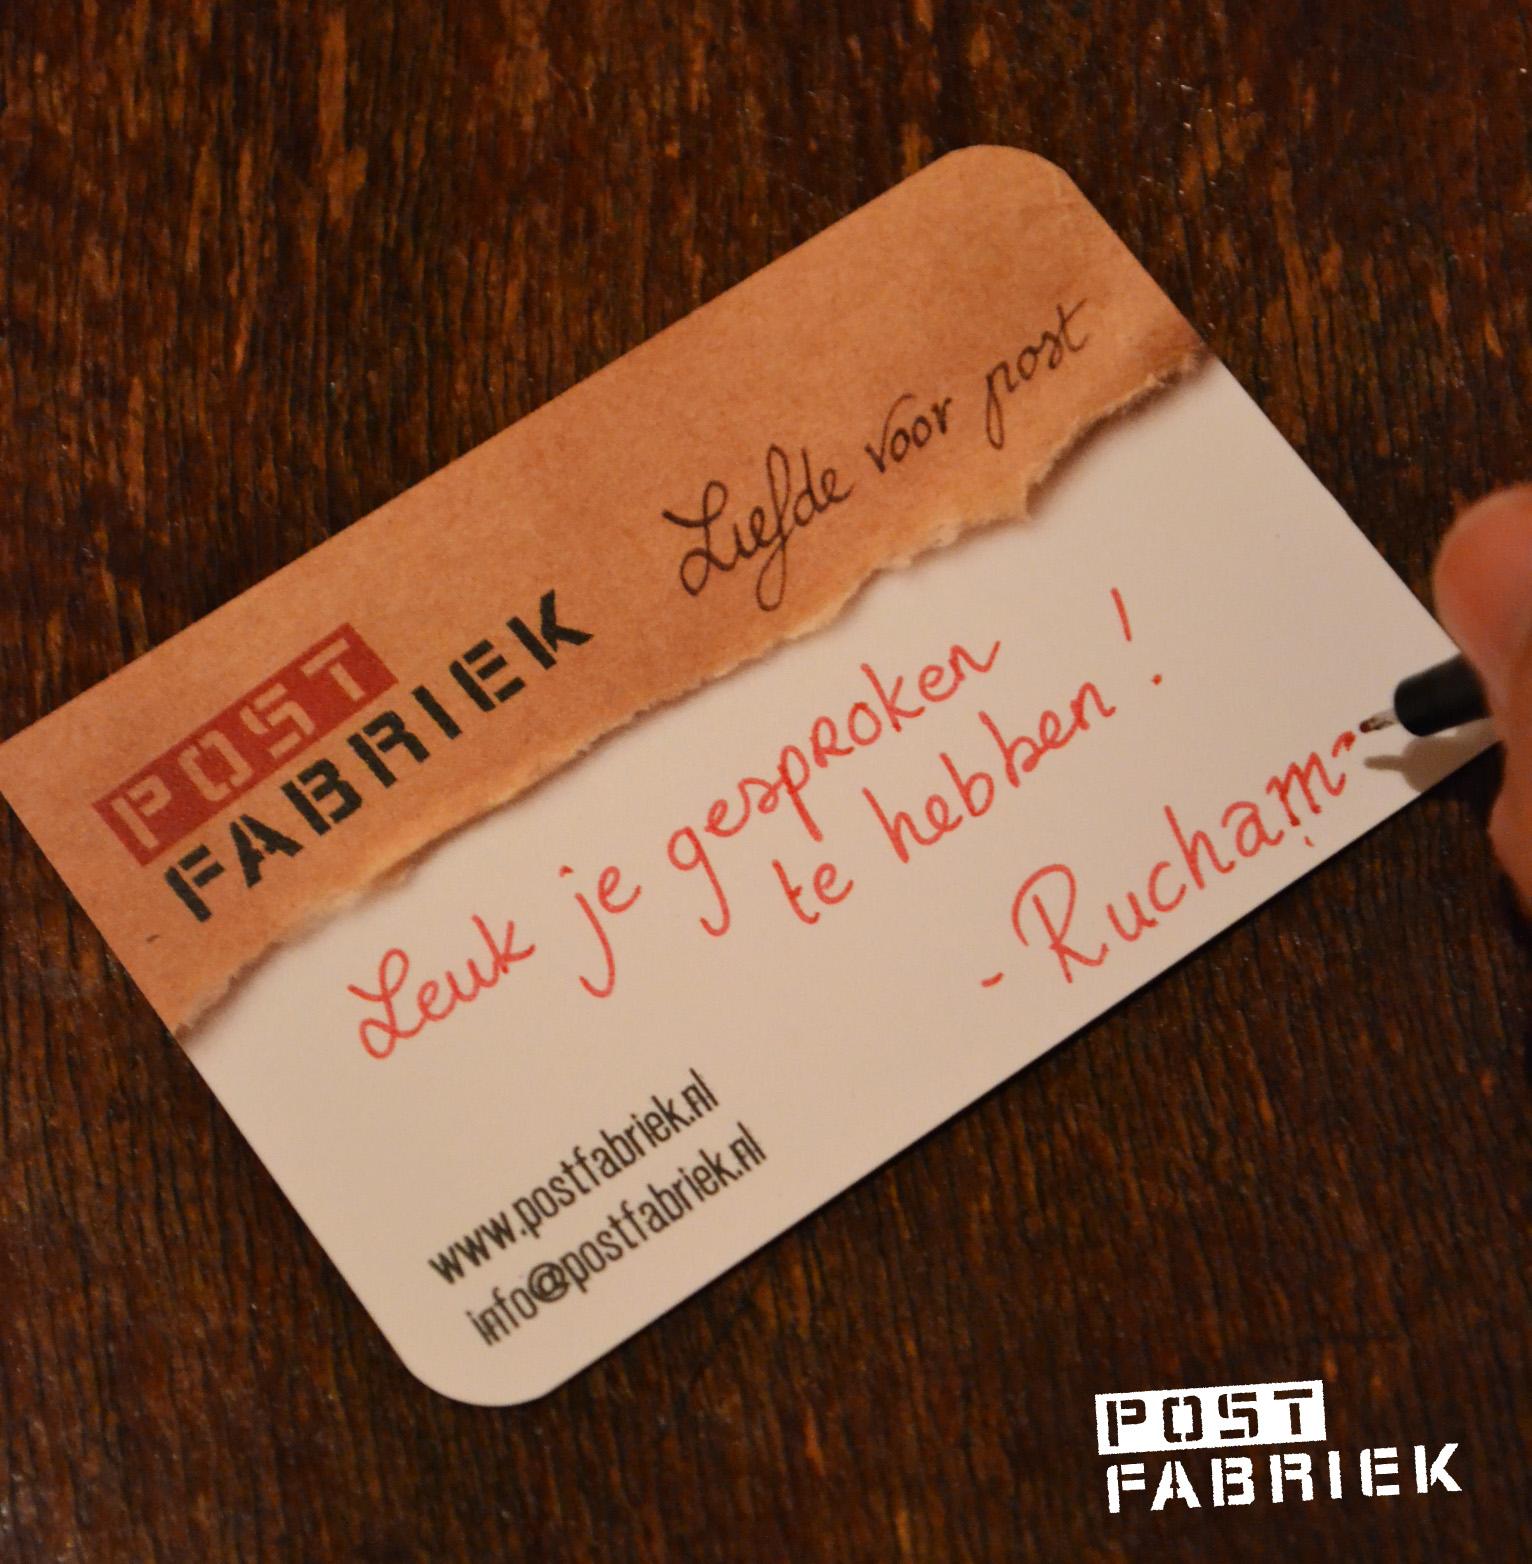 We hebben er gekozen om bewust onze namen niet te vernoemen, zo willen we de kaartjes persoonlijk houden door onze naam en een eventueel handgeschreven boodschap te schrijven wanneer we het visitekaartje uit delen.